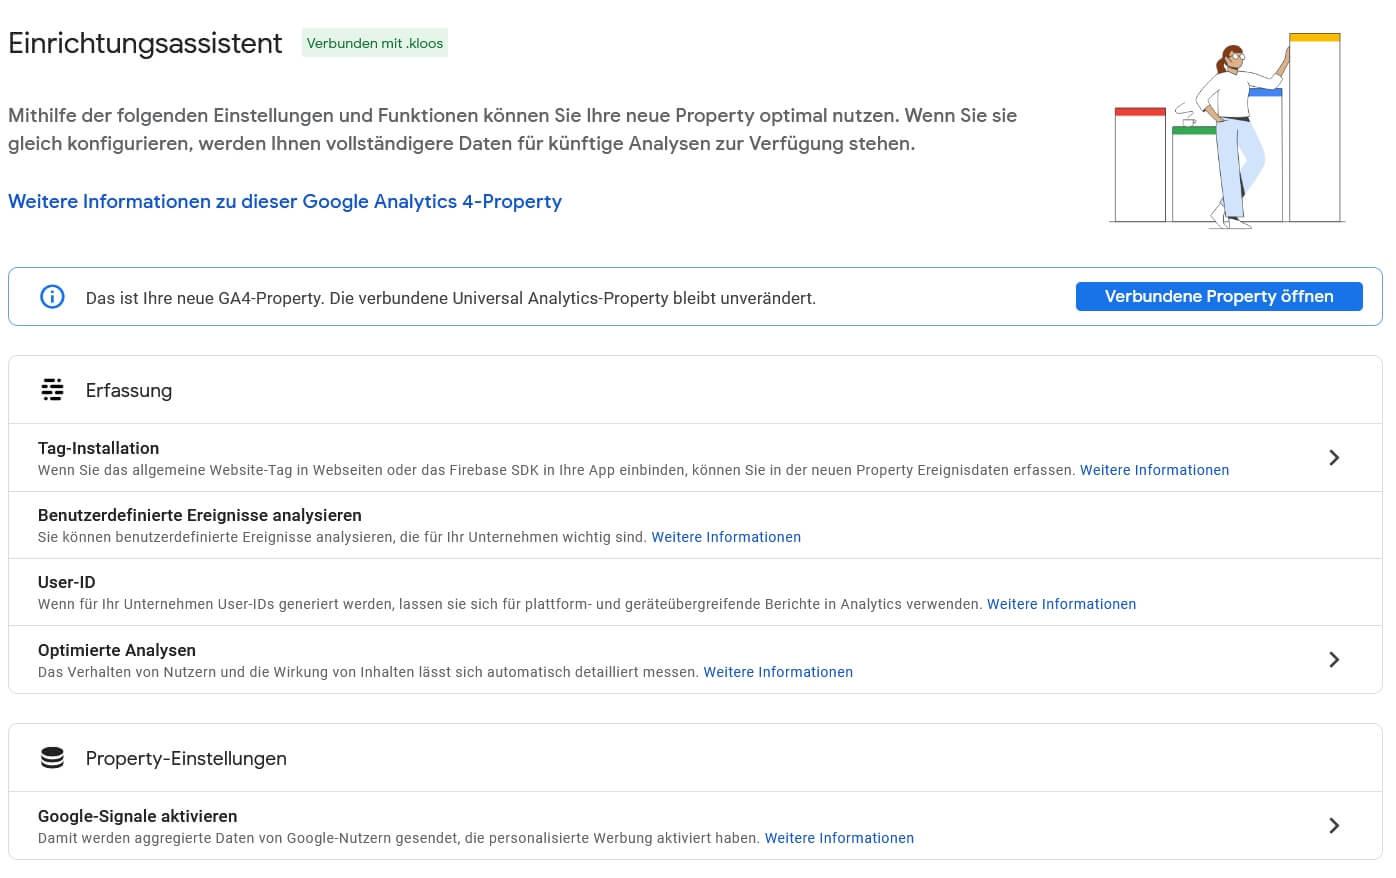 Google Analytics 4 - Assistent Einrichten